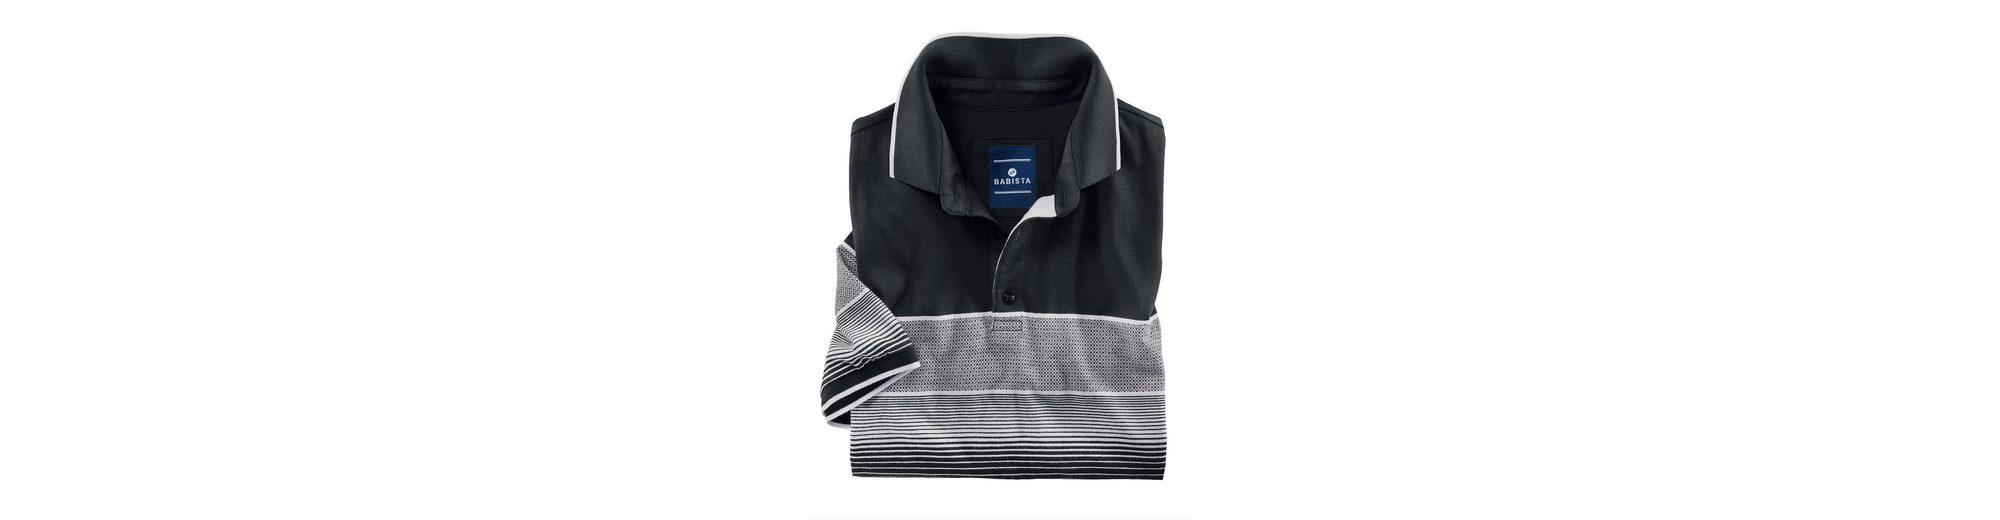 Babista Poloshirt mit garngefärbtem Verlaufsmuster Verkauf Ausgezeichnet IaNT9CGujJ